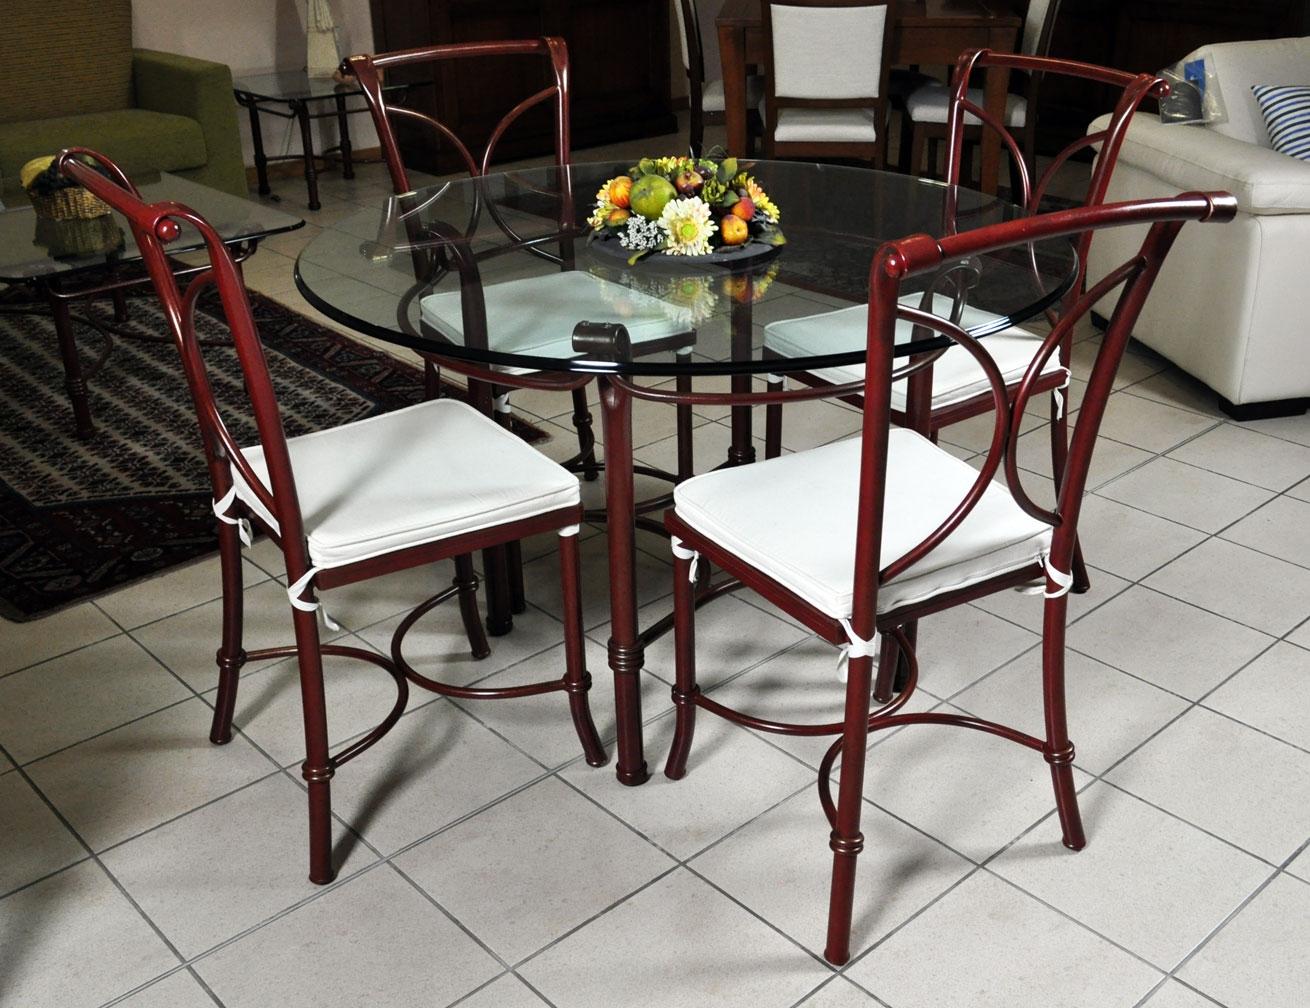 Tavolo in vetro e 4 sedie in ferro battuto in saldo a - Tavolo ferro battuto e vetro ...